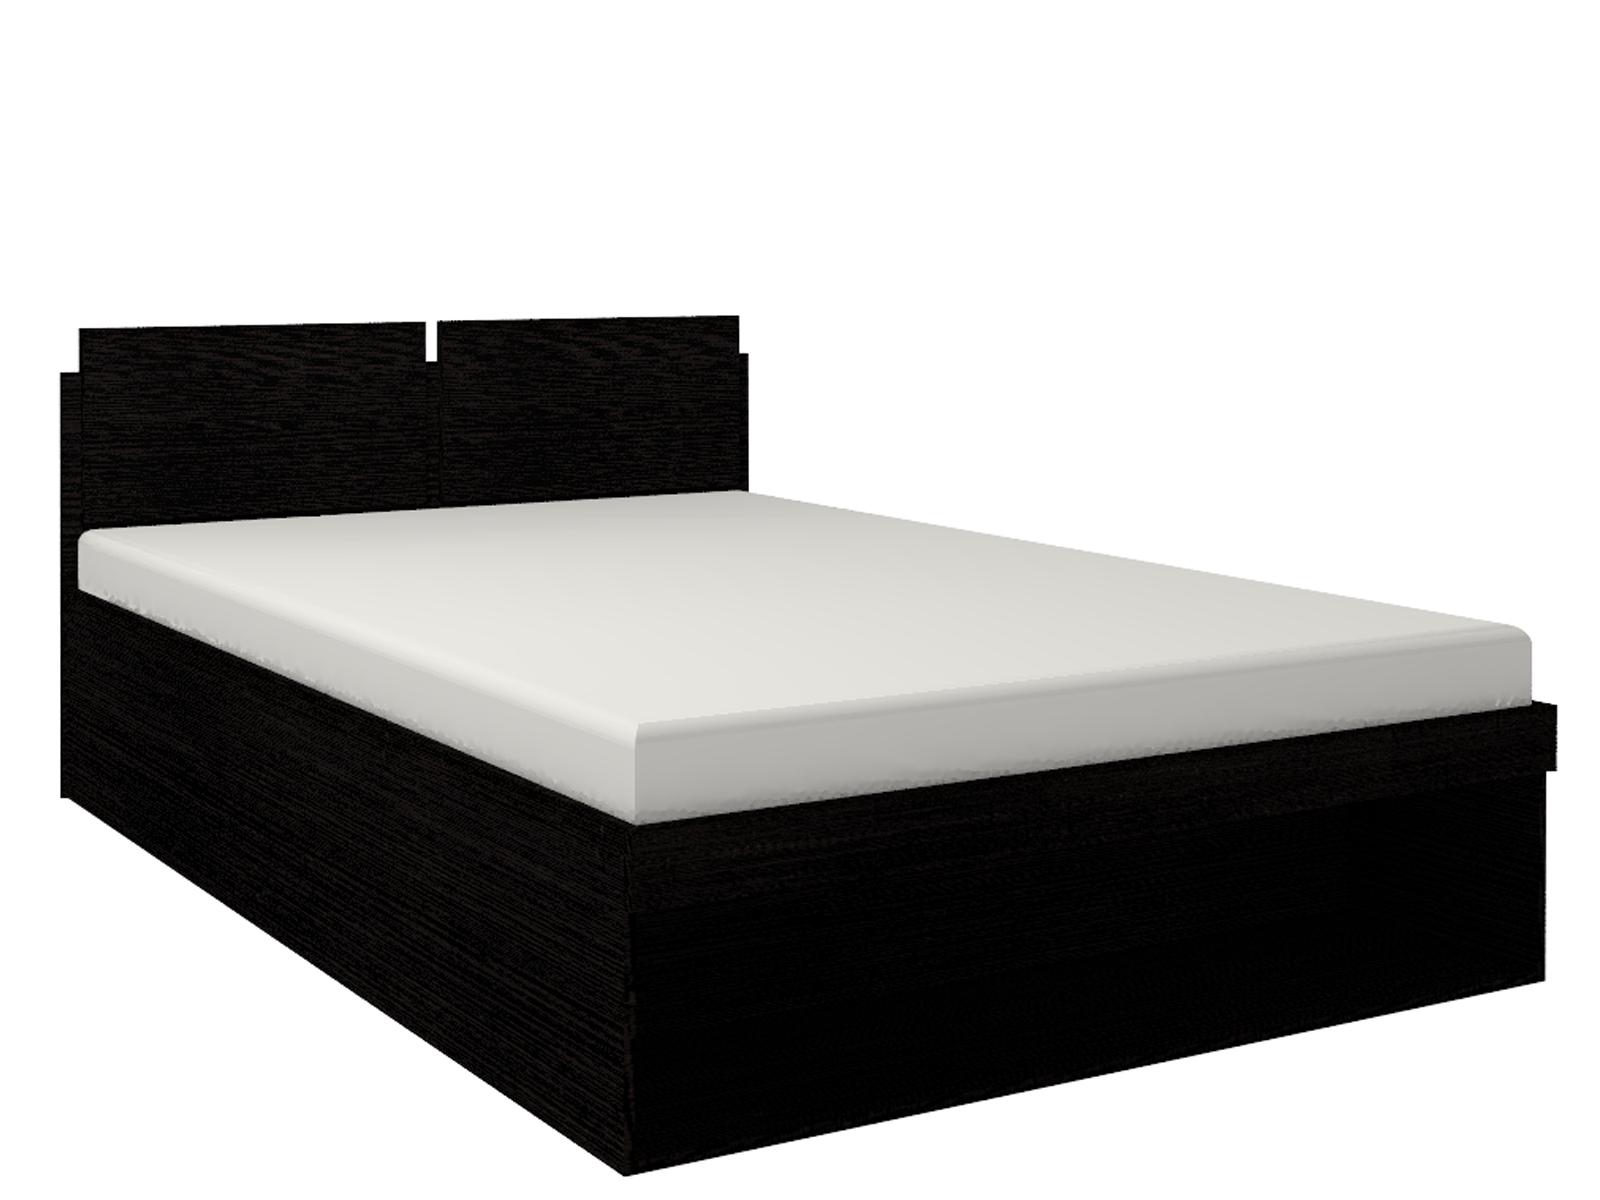 Спальня Hyper (комплект 2) - фото Кровать 2 Hyper 160*200 с подъемным механизмом (Венге монохром)